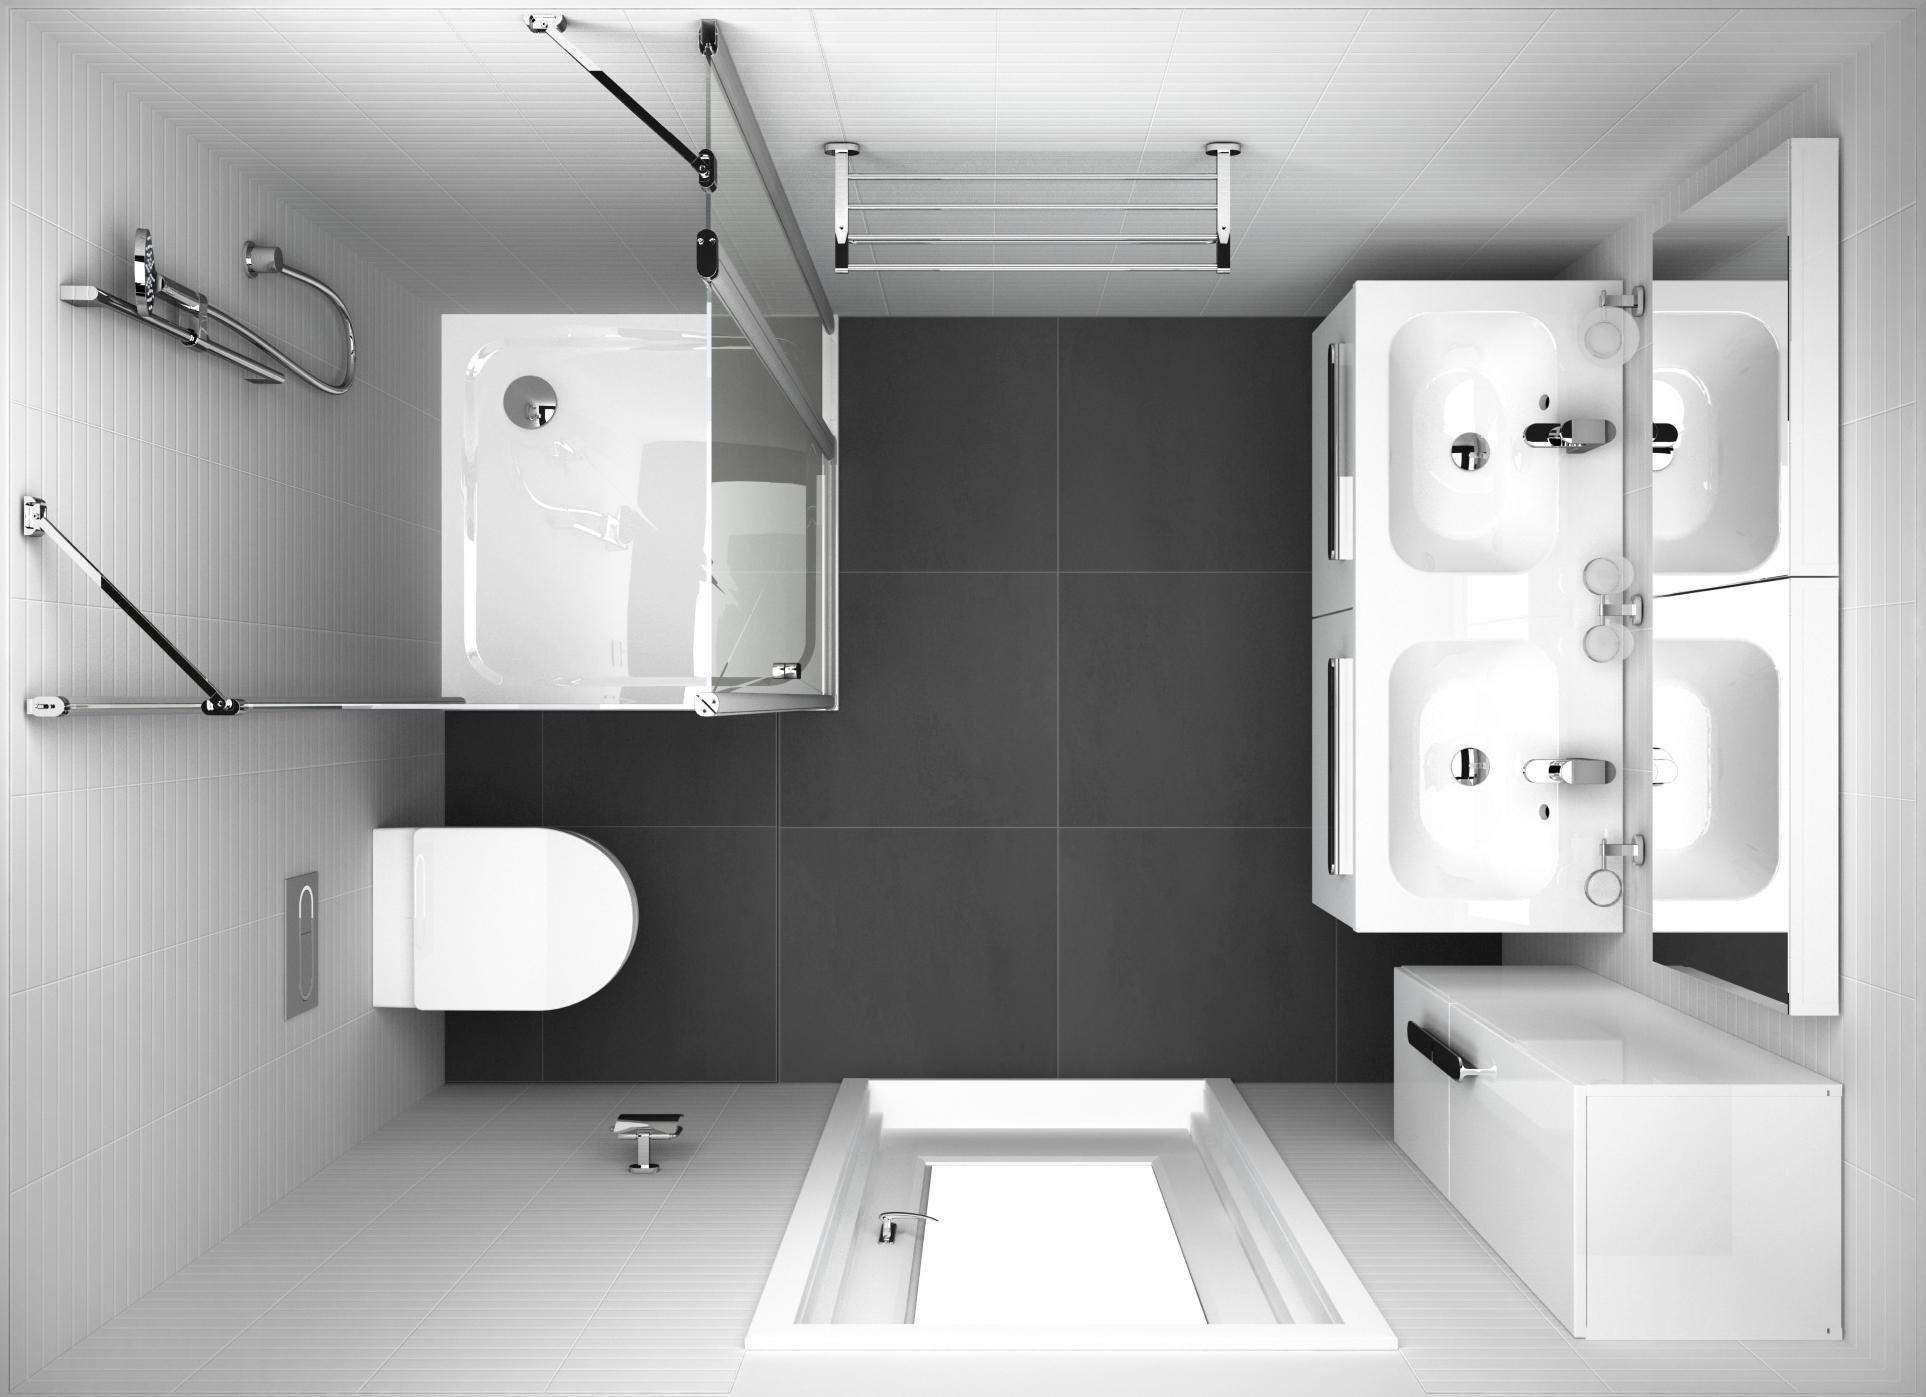 A Chrome fürdőszoba koncepció lehetőséget kínál bármilyen méretű fürdőszoba berendezéséhez, sőt különálló, kis mellékhelyiségbe való termékeket is tartalmaz.